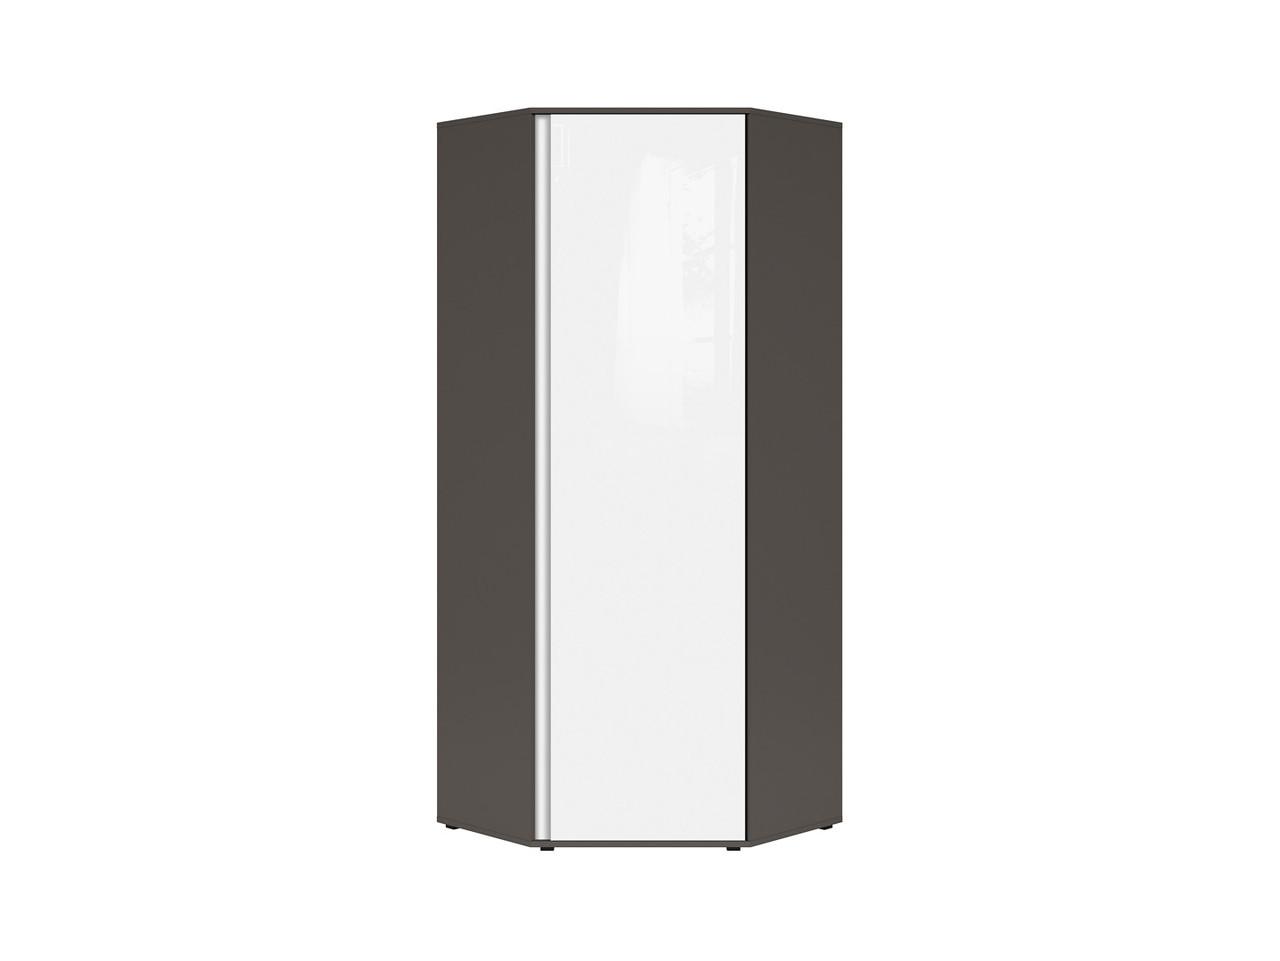 Шкаф угловой SZFN1D Graphic BRW серый вольфрам/белый глянец